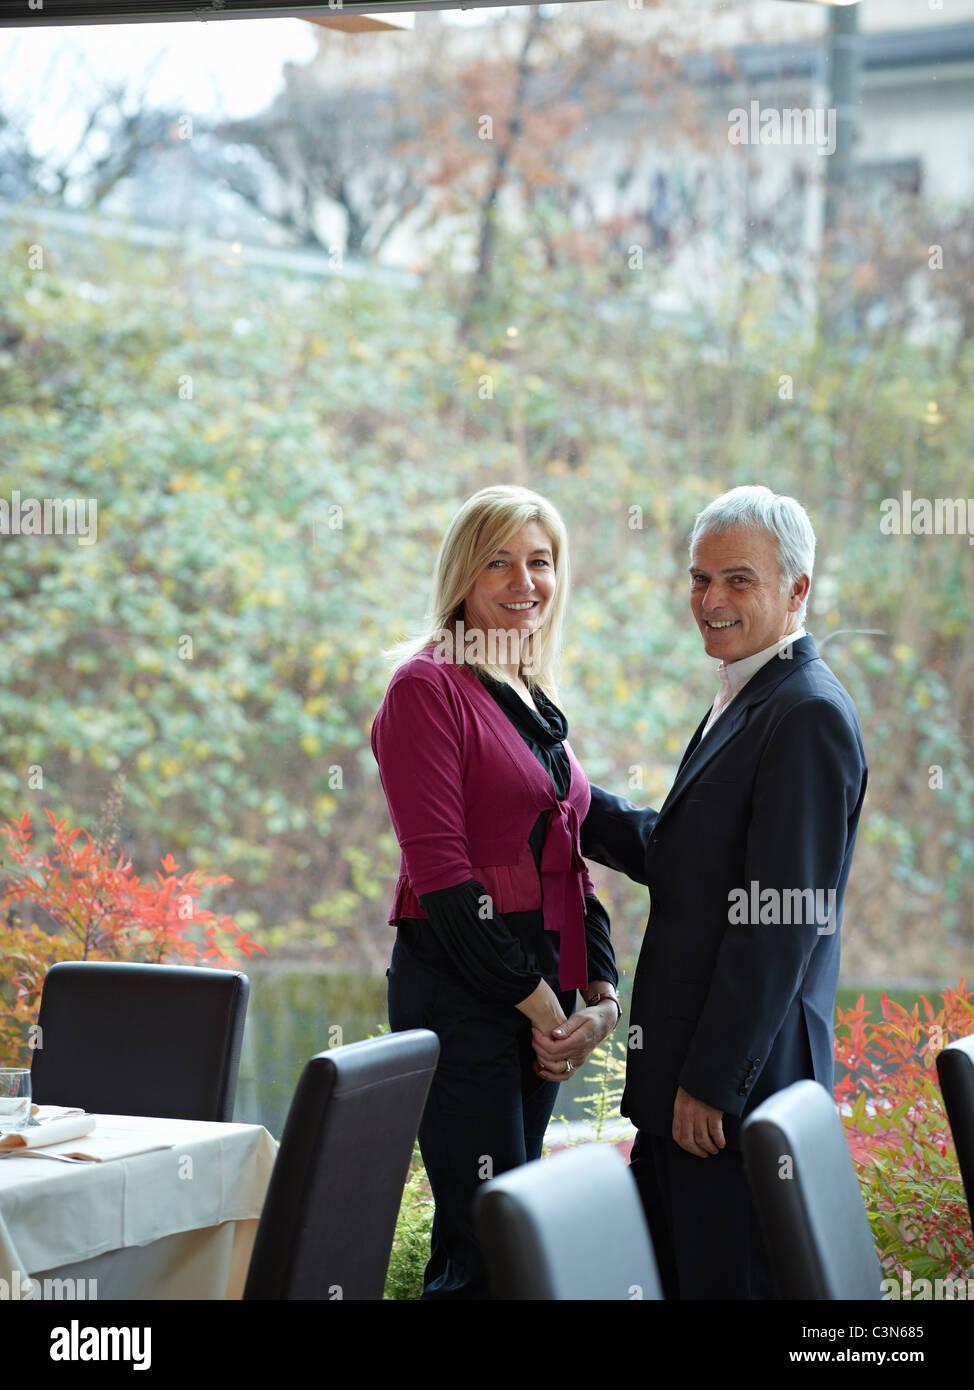 Senior paar mit einem intimen Moment in einem restaurant Stockbild